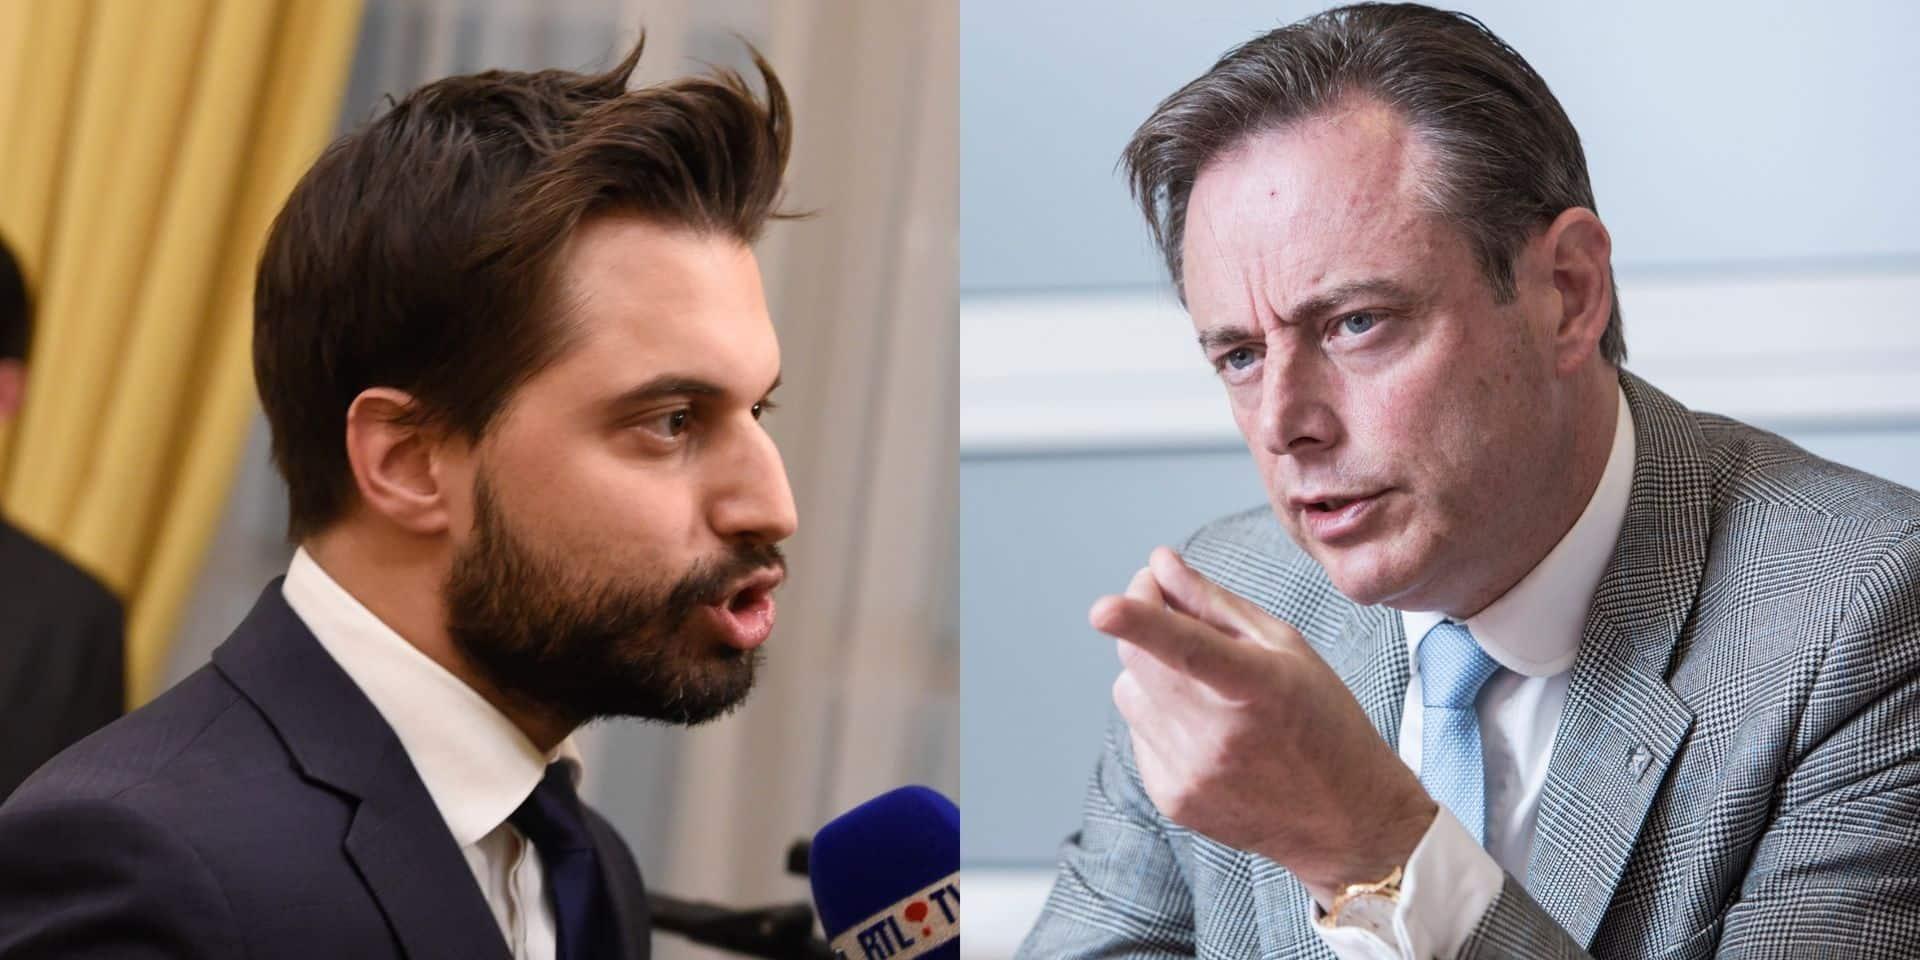 Georges-Louis Bouchez et Bart De Wever s'accrochent sur les réseaux sociaux au sujet de la formation fédérale